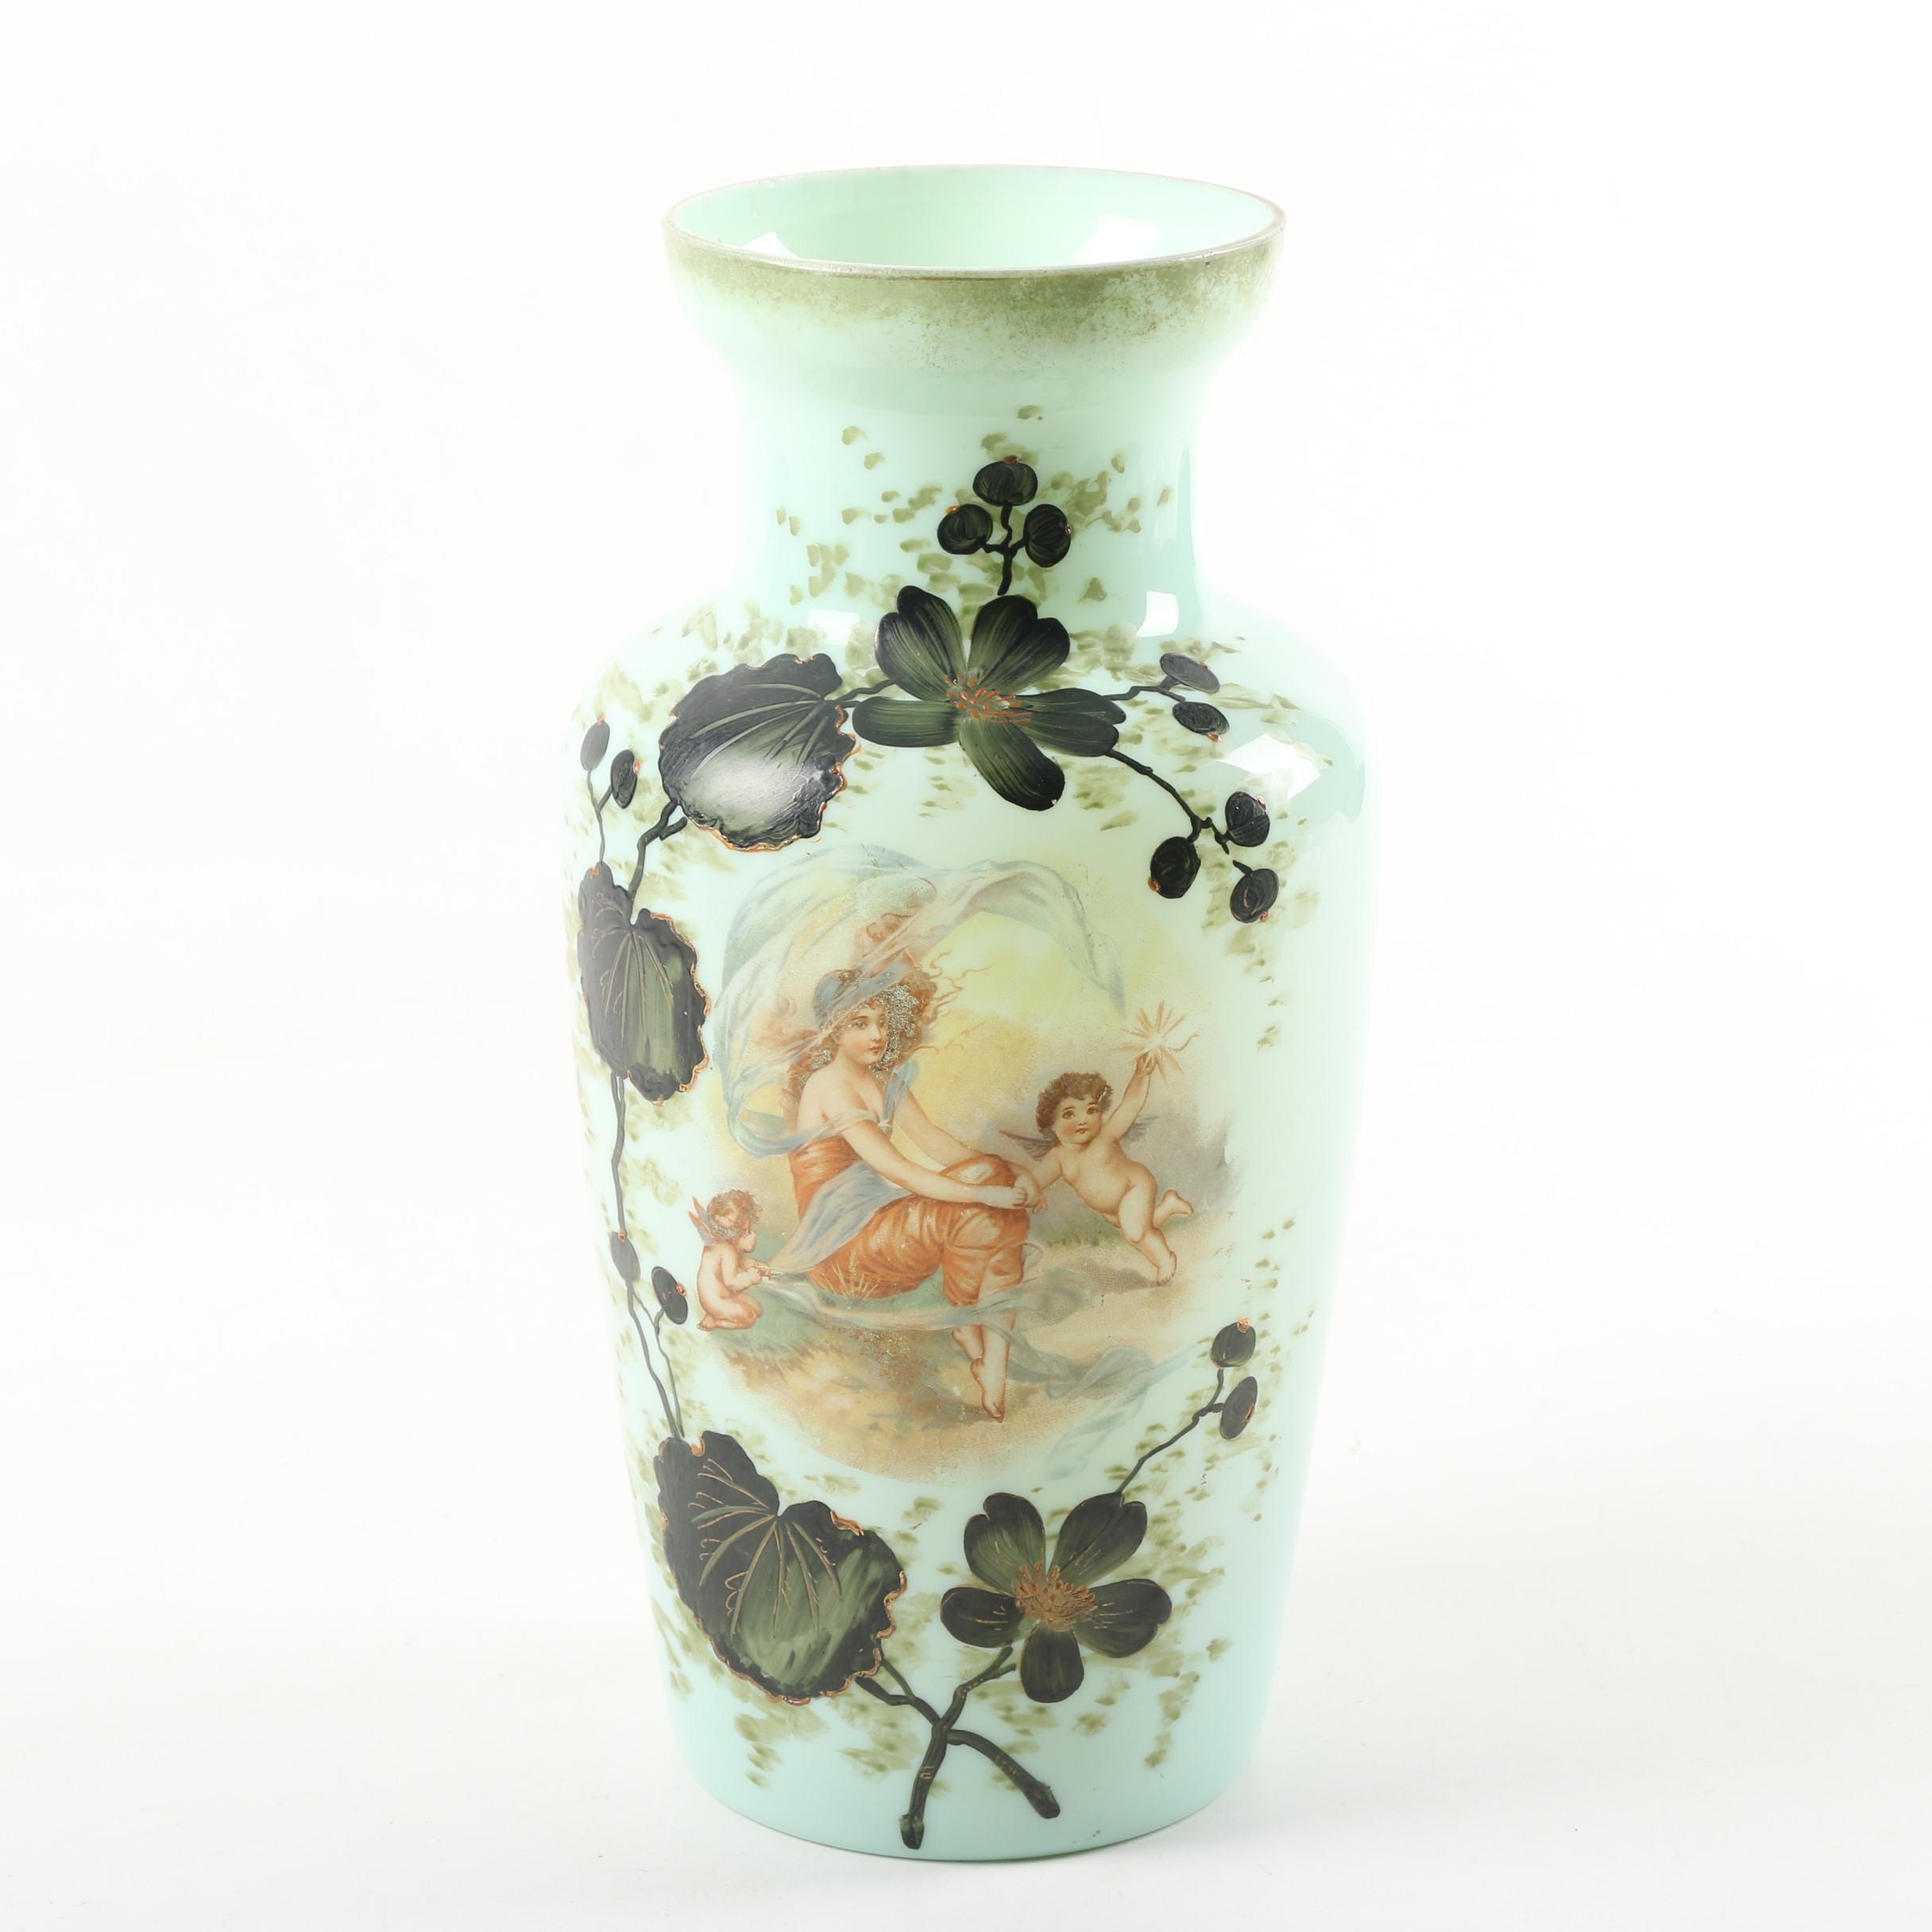 Antique Opalene Glass Vase with Art Nouveau Style Decoration